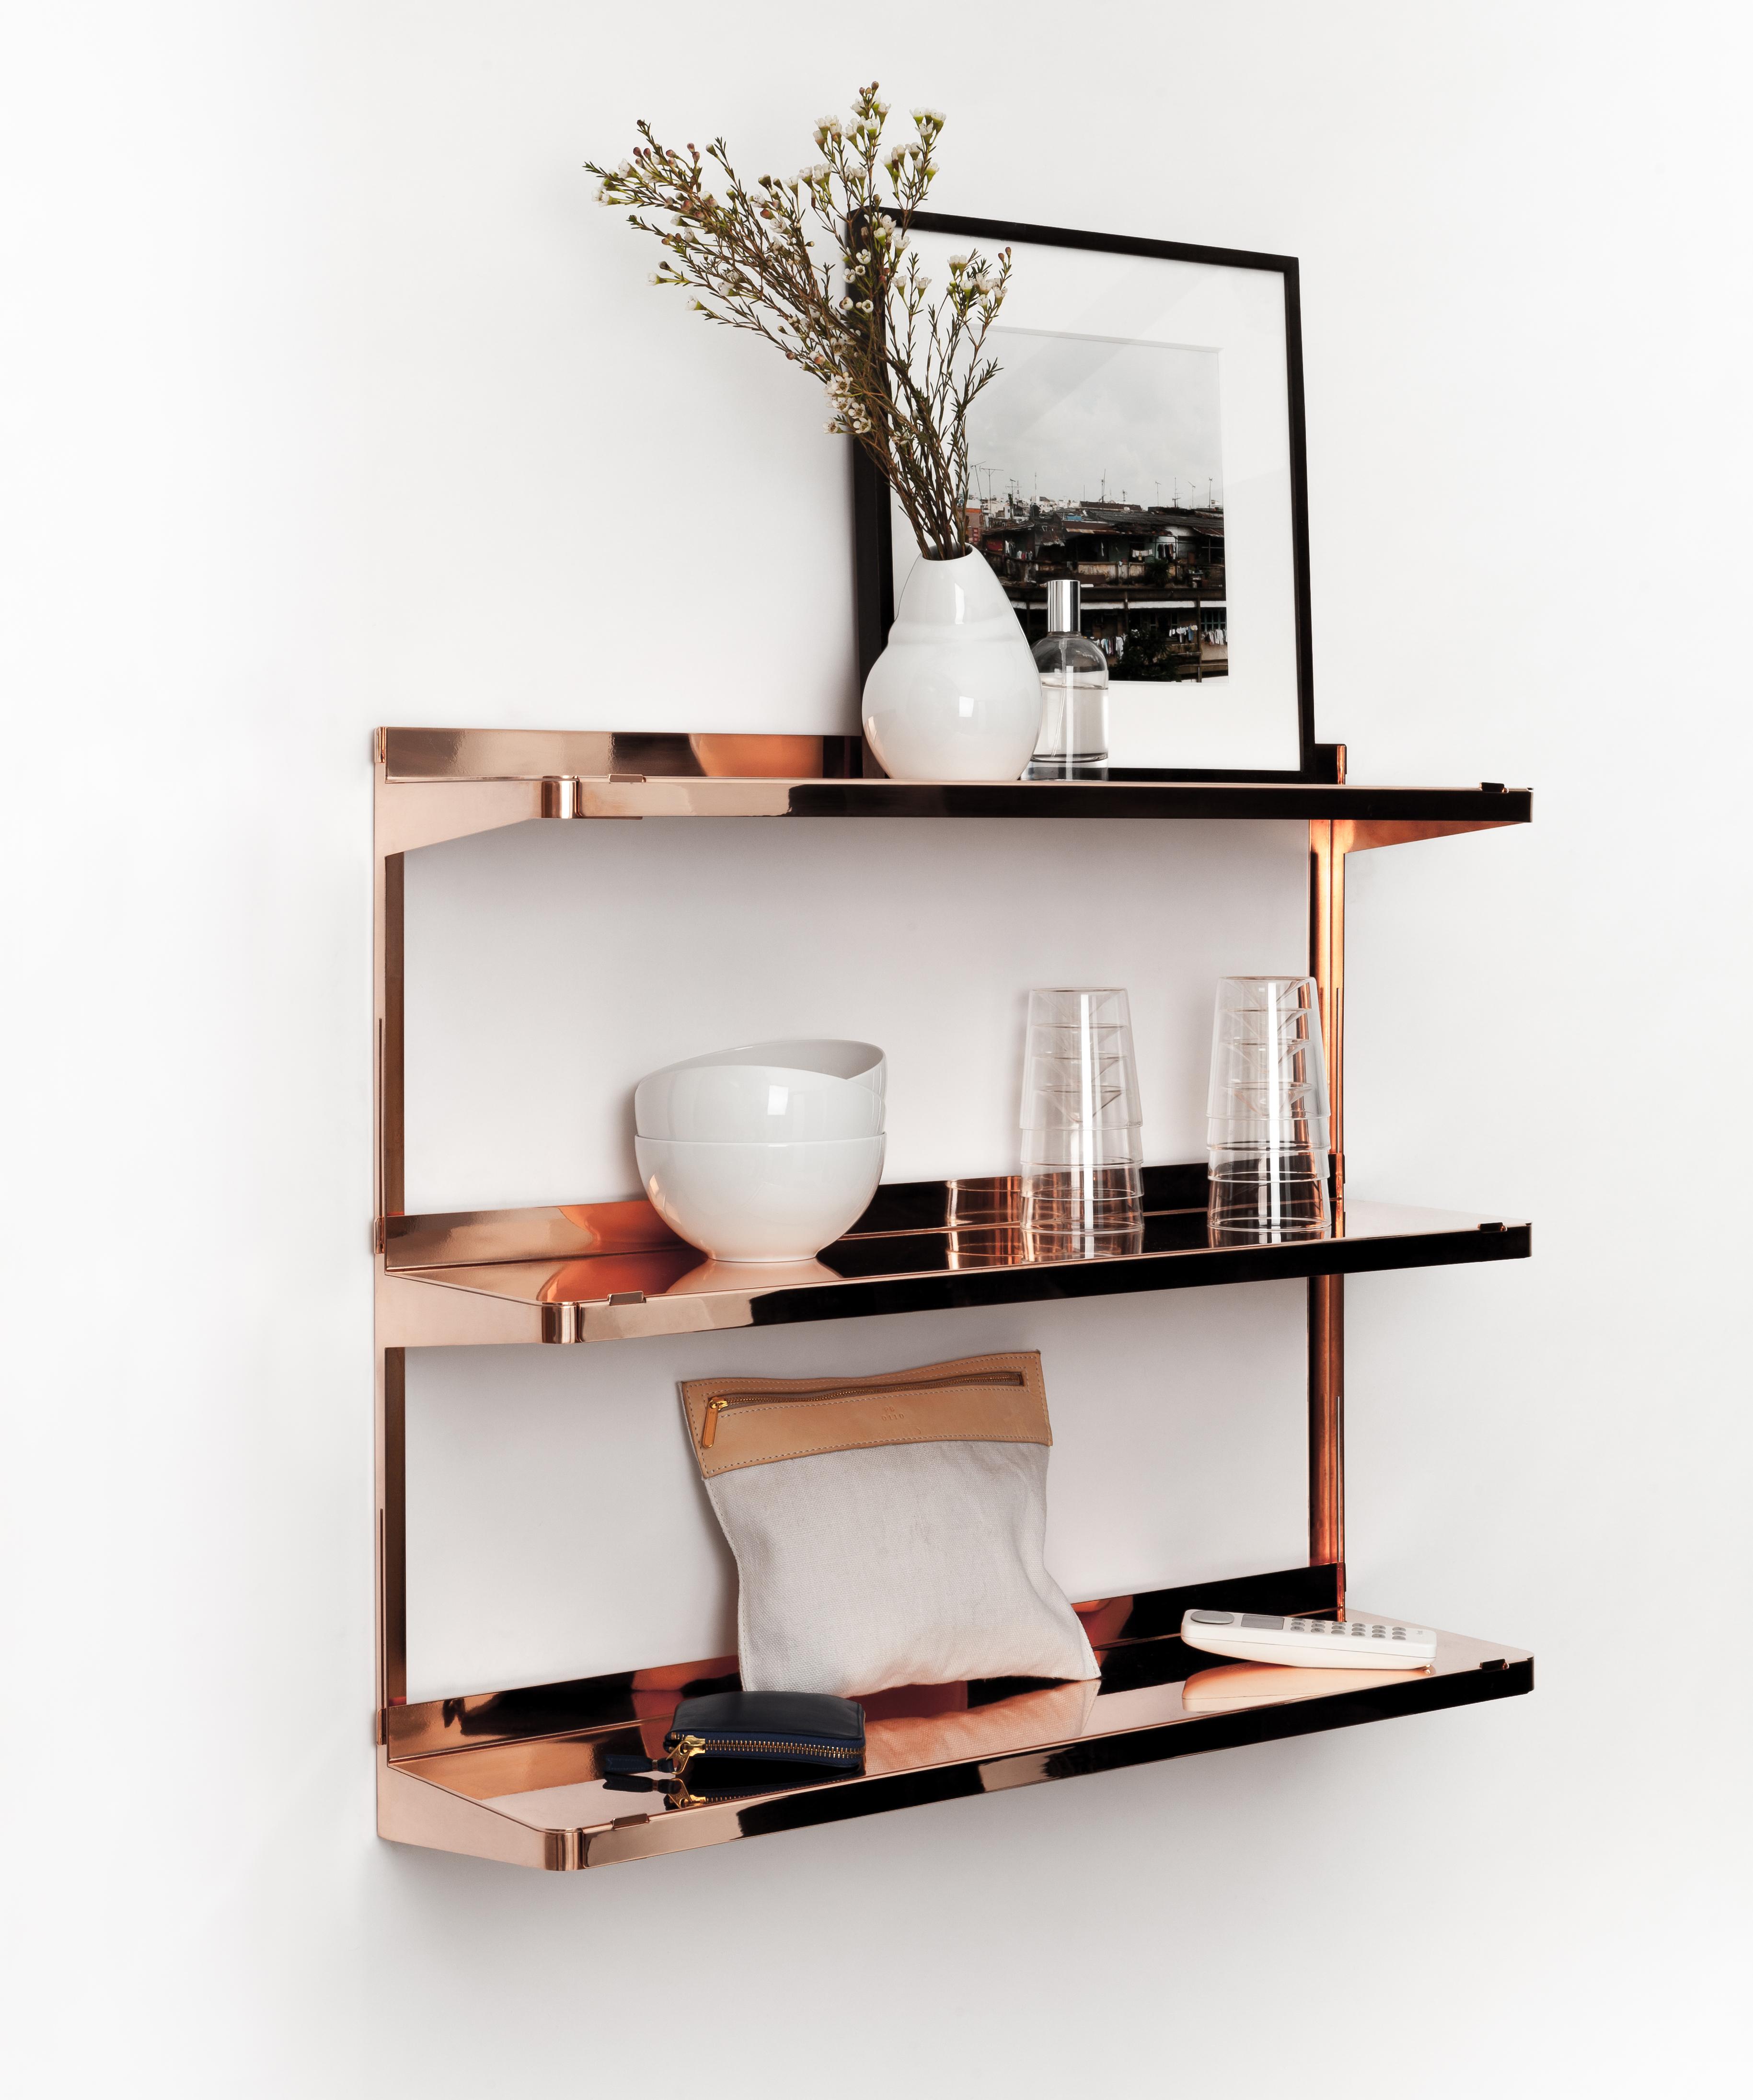 NEW TENDENCY Sigurd Larsen CLICK shelf copper